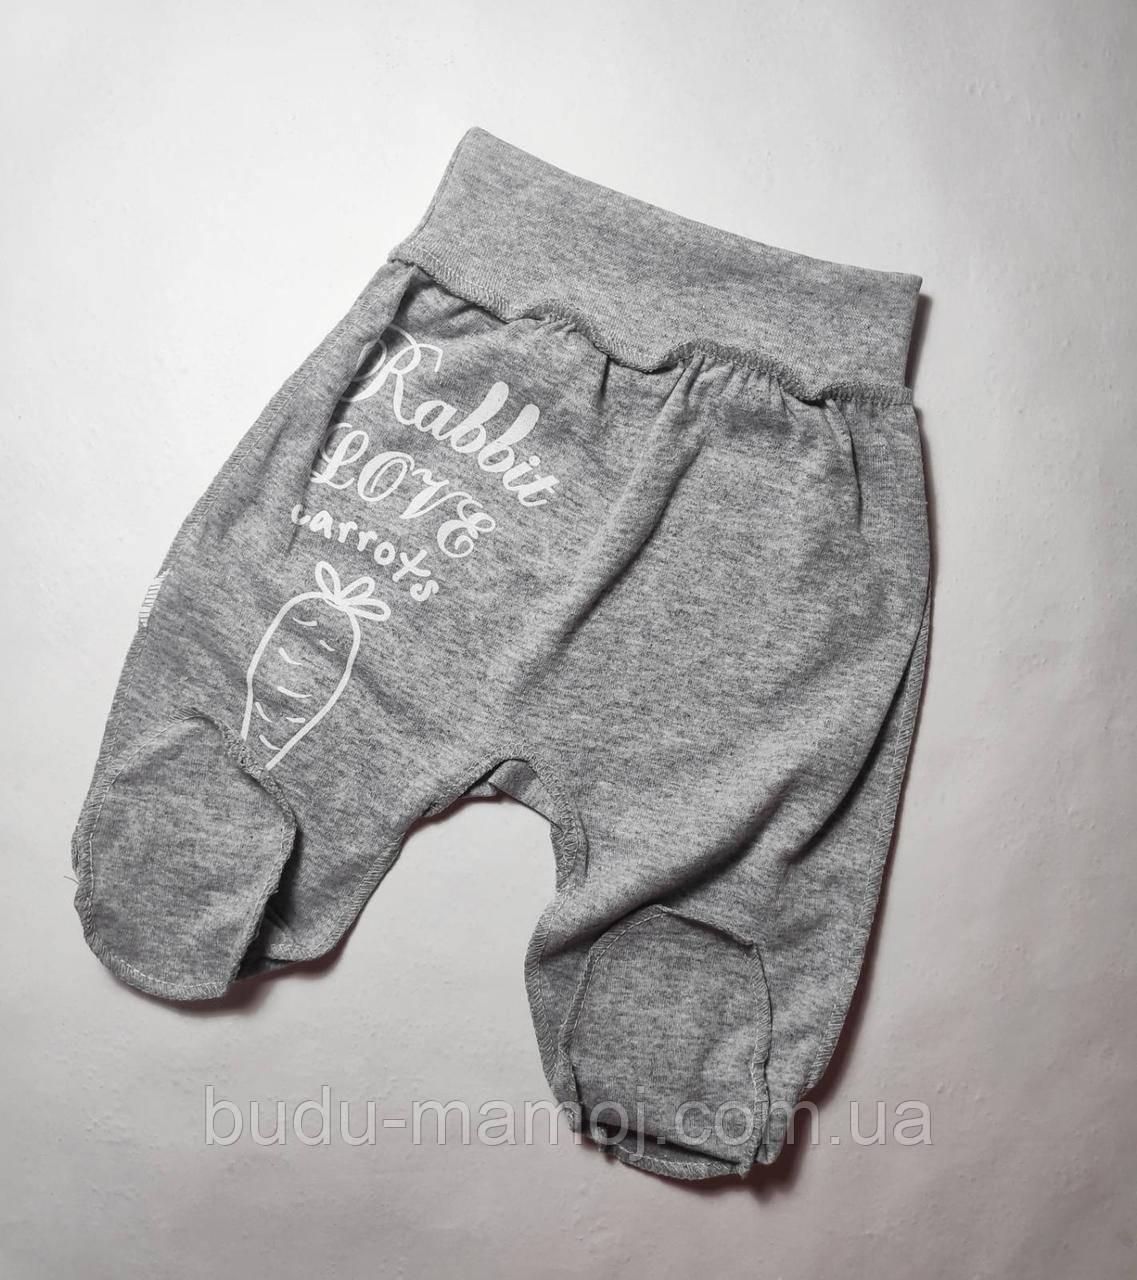 Ползунки для новорожденного мальчику девочке хлопок еврорезинка наружные швы